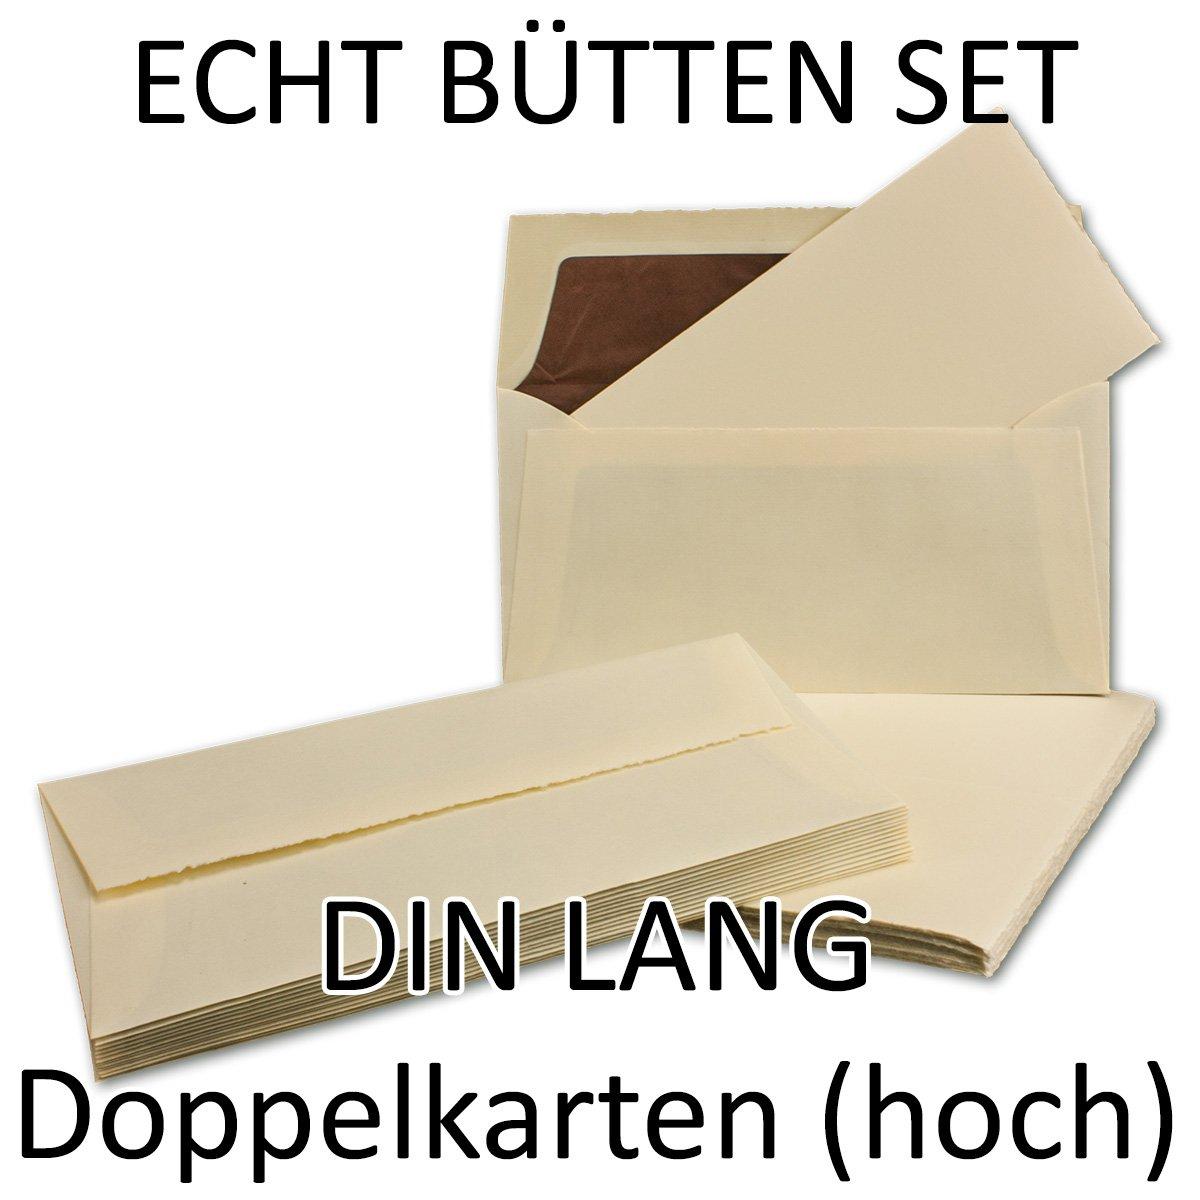 100-teiliges SET aus DIN LANG Doppelkarten (Hoch) & Umschläge, ECHTES BÜTTENPAPIER, 200 x 210 mm, Elfenbein halbmatt, ORIGINAL ZERKALL-BÜTTEN B00TYGGG3Q | Kostengünstig